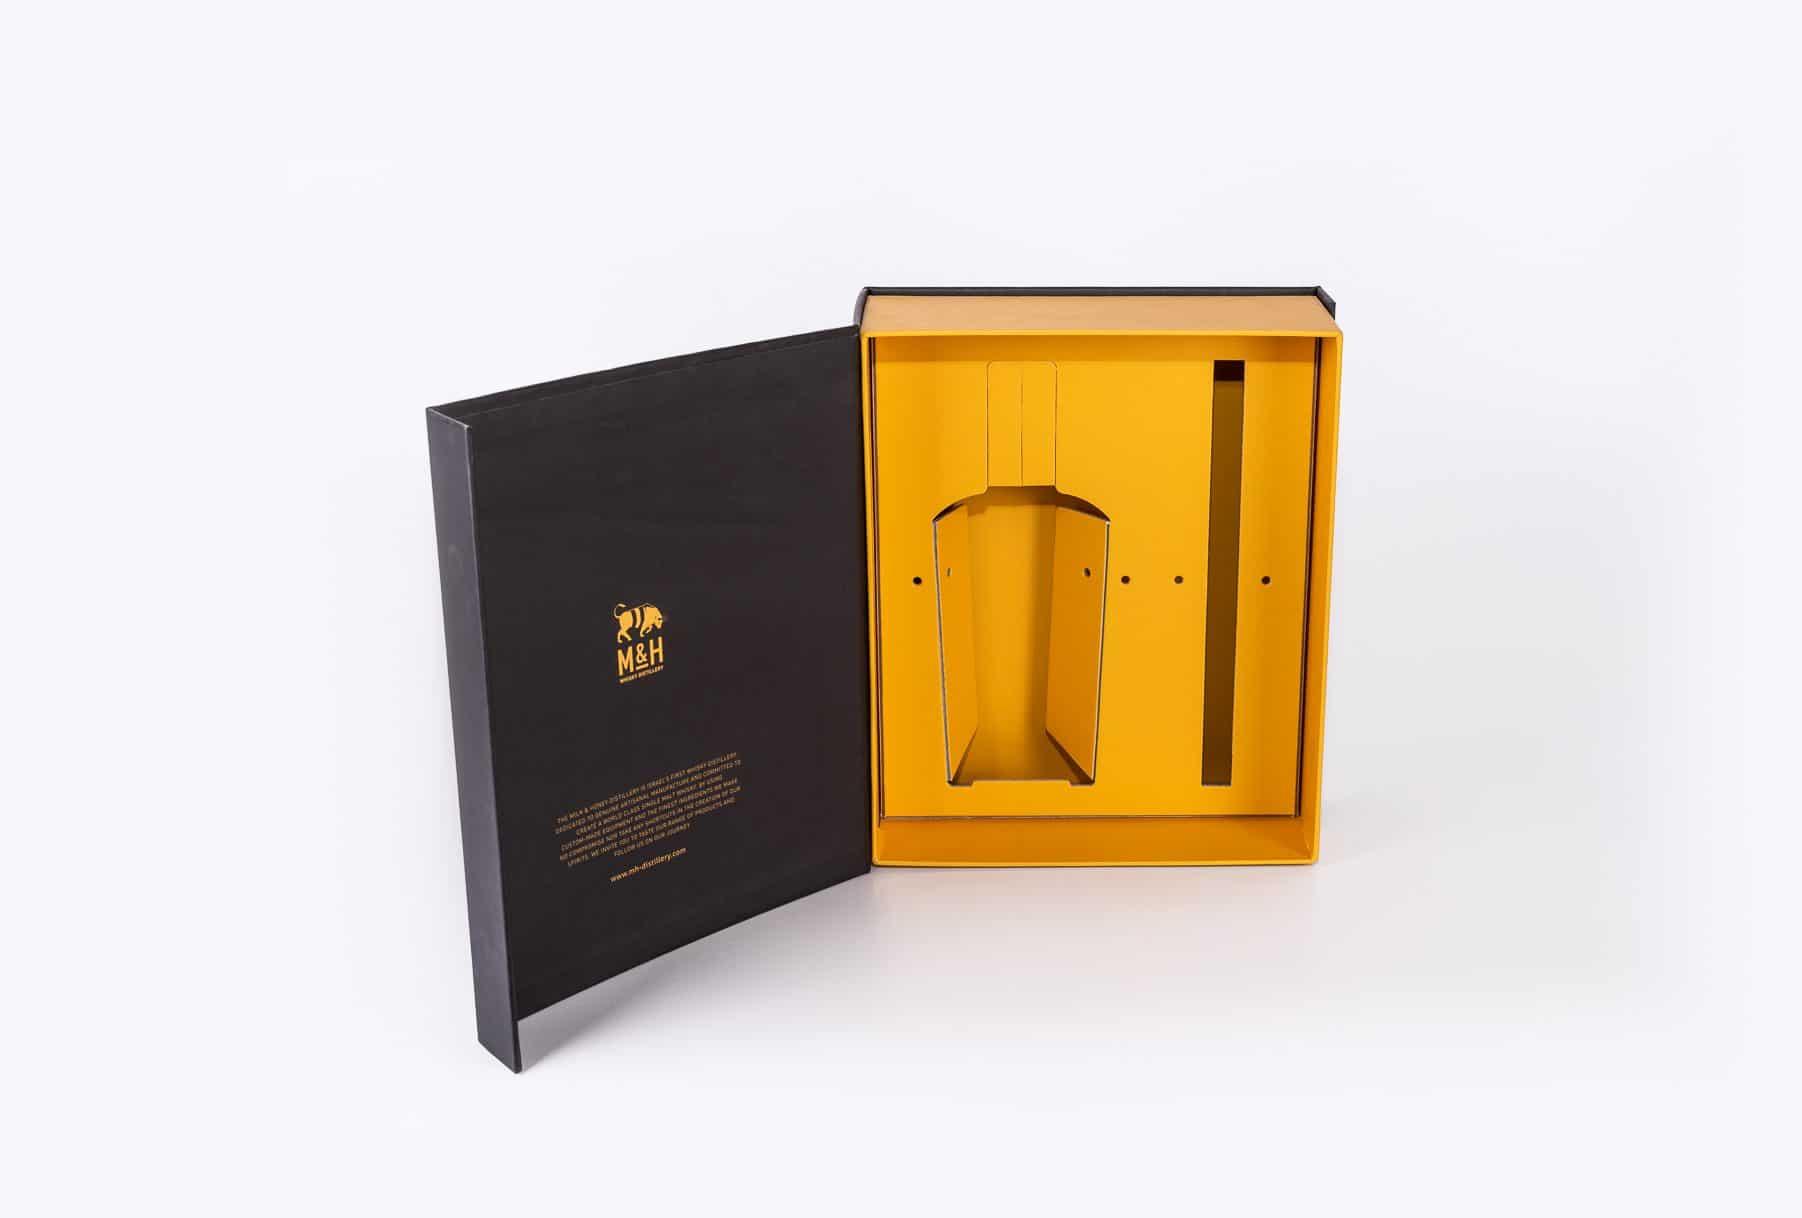 מארזים קשיחים יוקרתיים לוויסקי M&H בצבע שחור מבחוץ ובפנים בצבע צהוב. האריזה עשויה מסוגי קרטונים שונים: קרטון גלי, קרטון דחוס ועוד עם השבחות דפוס: הבלטה והטבעה בחום. שיטת דפוס: דיגיטלי ואופסט